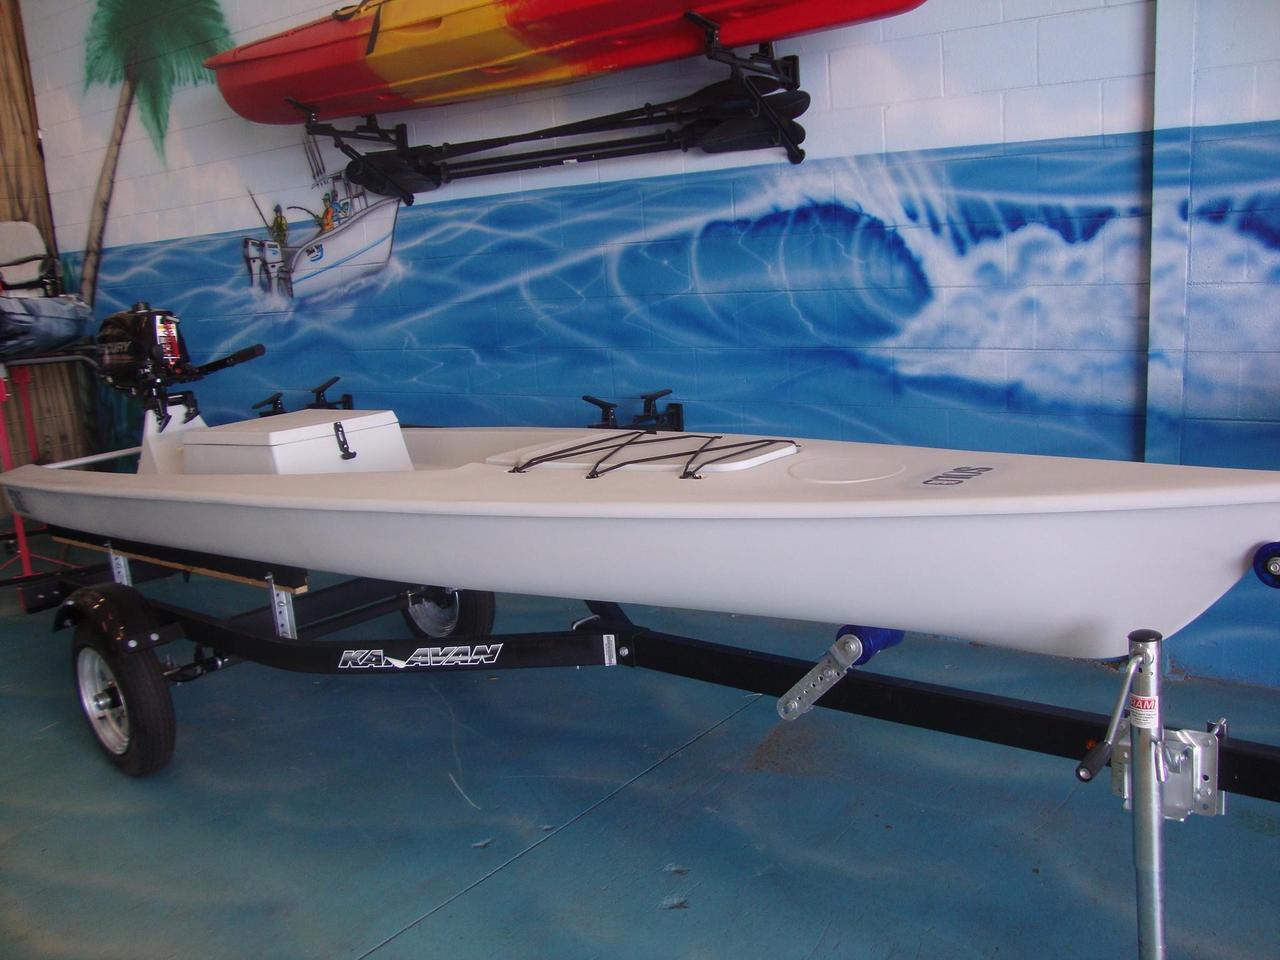 2017 New Solo Skiff Boat For Sale - $1,975 - New Smyrna